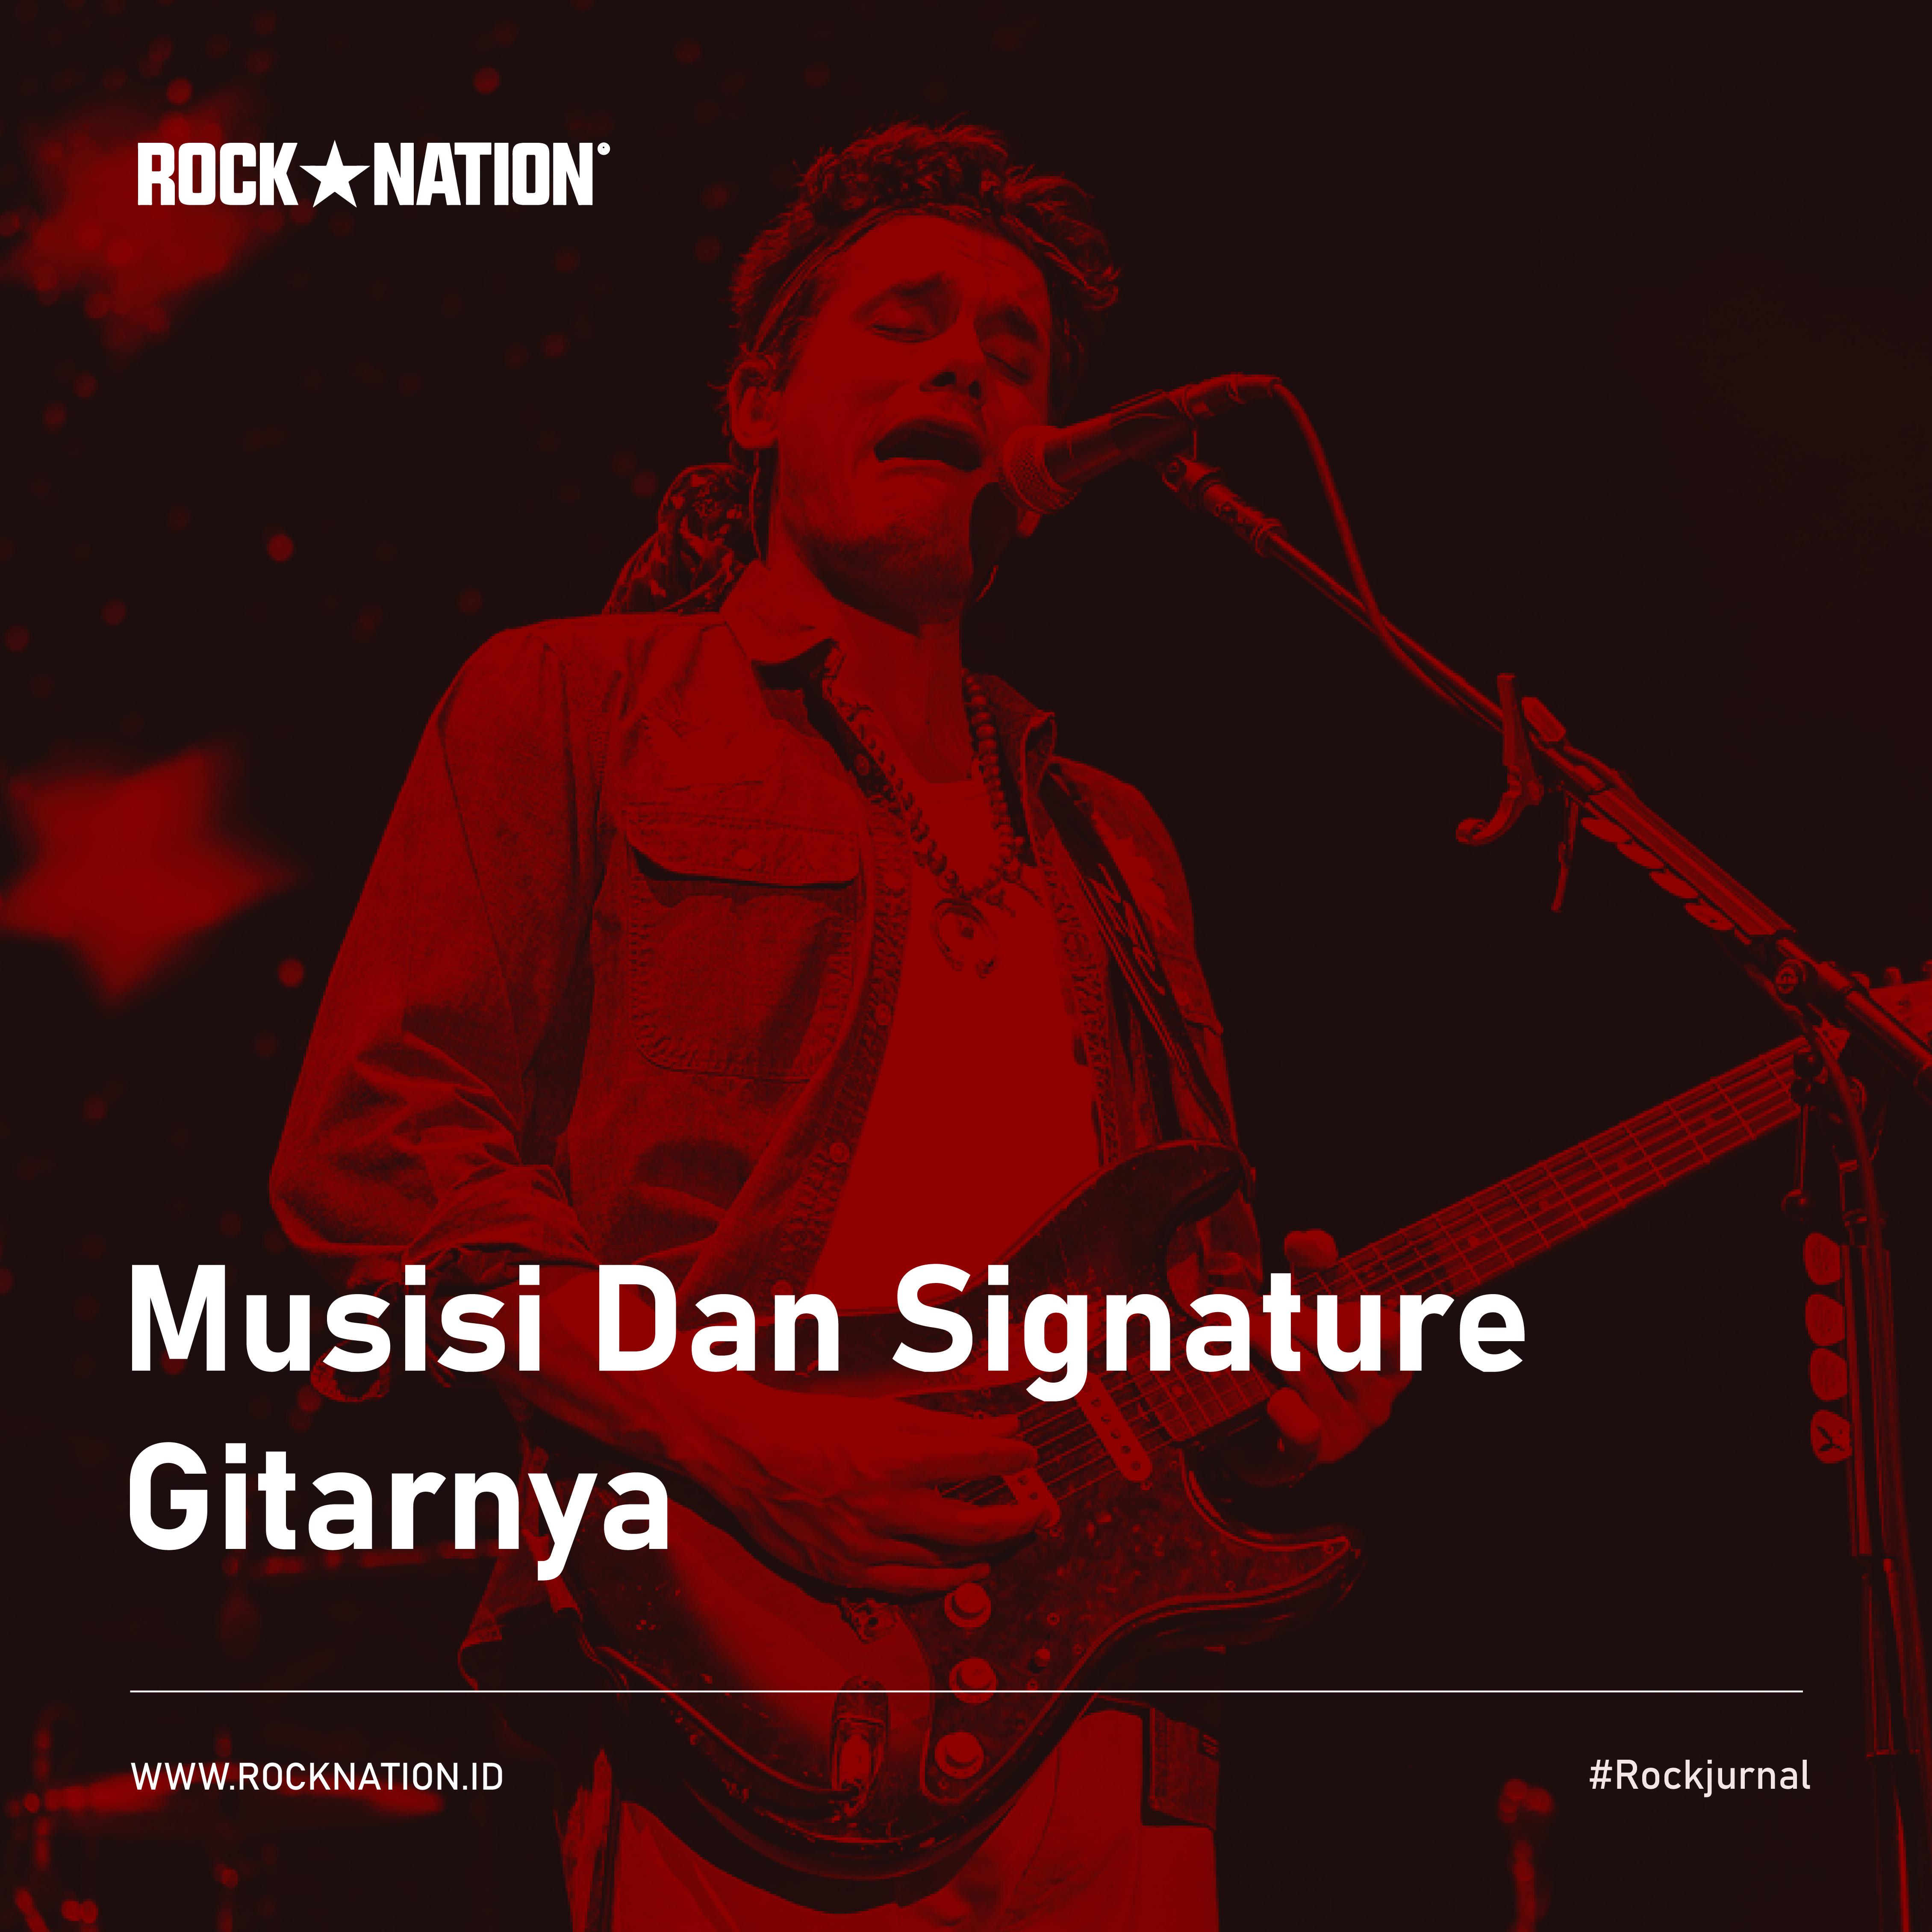 Musisi Dan Gitar Signaturenya image